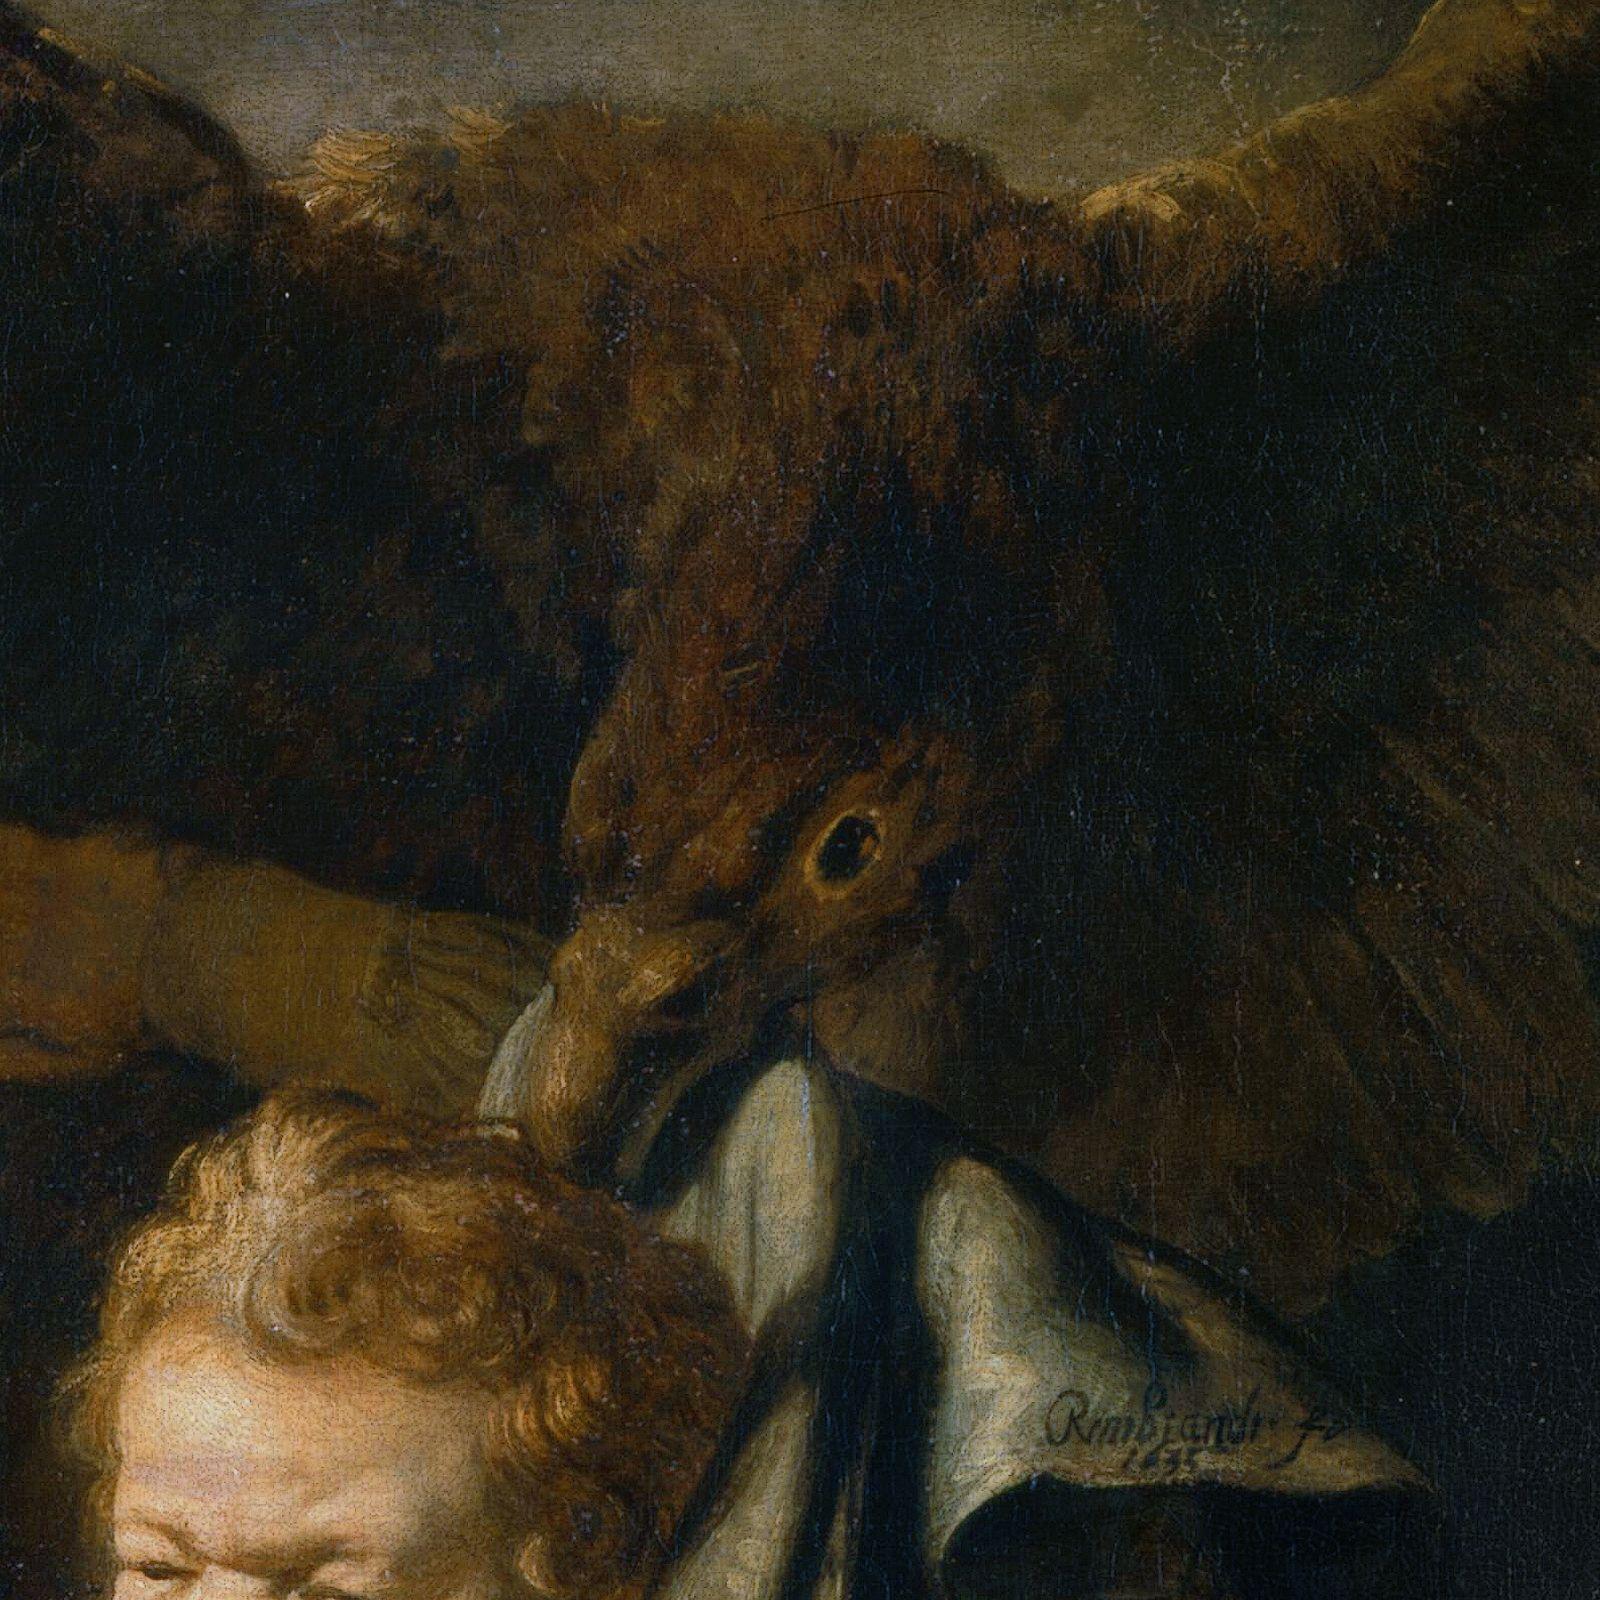 Resultado de imagem para rapto de ganimedes de rembrandt